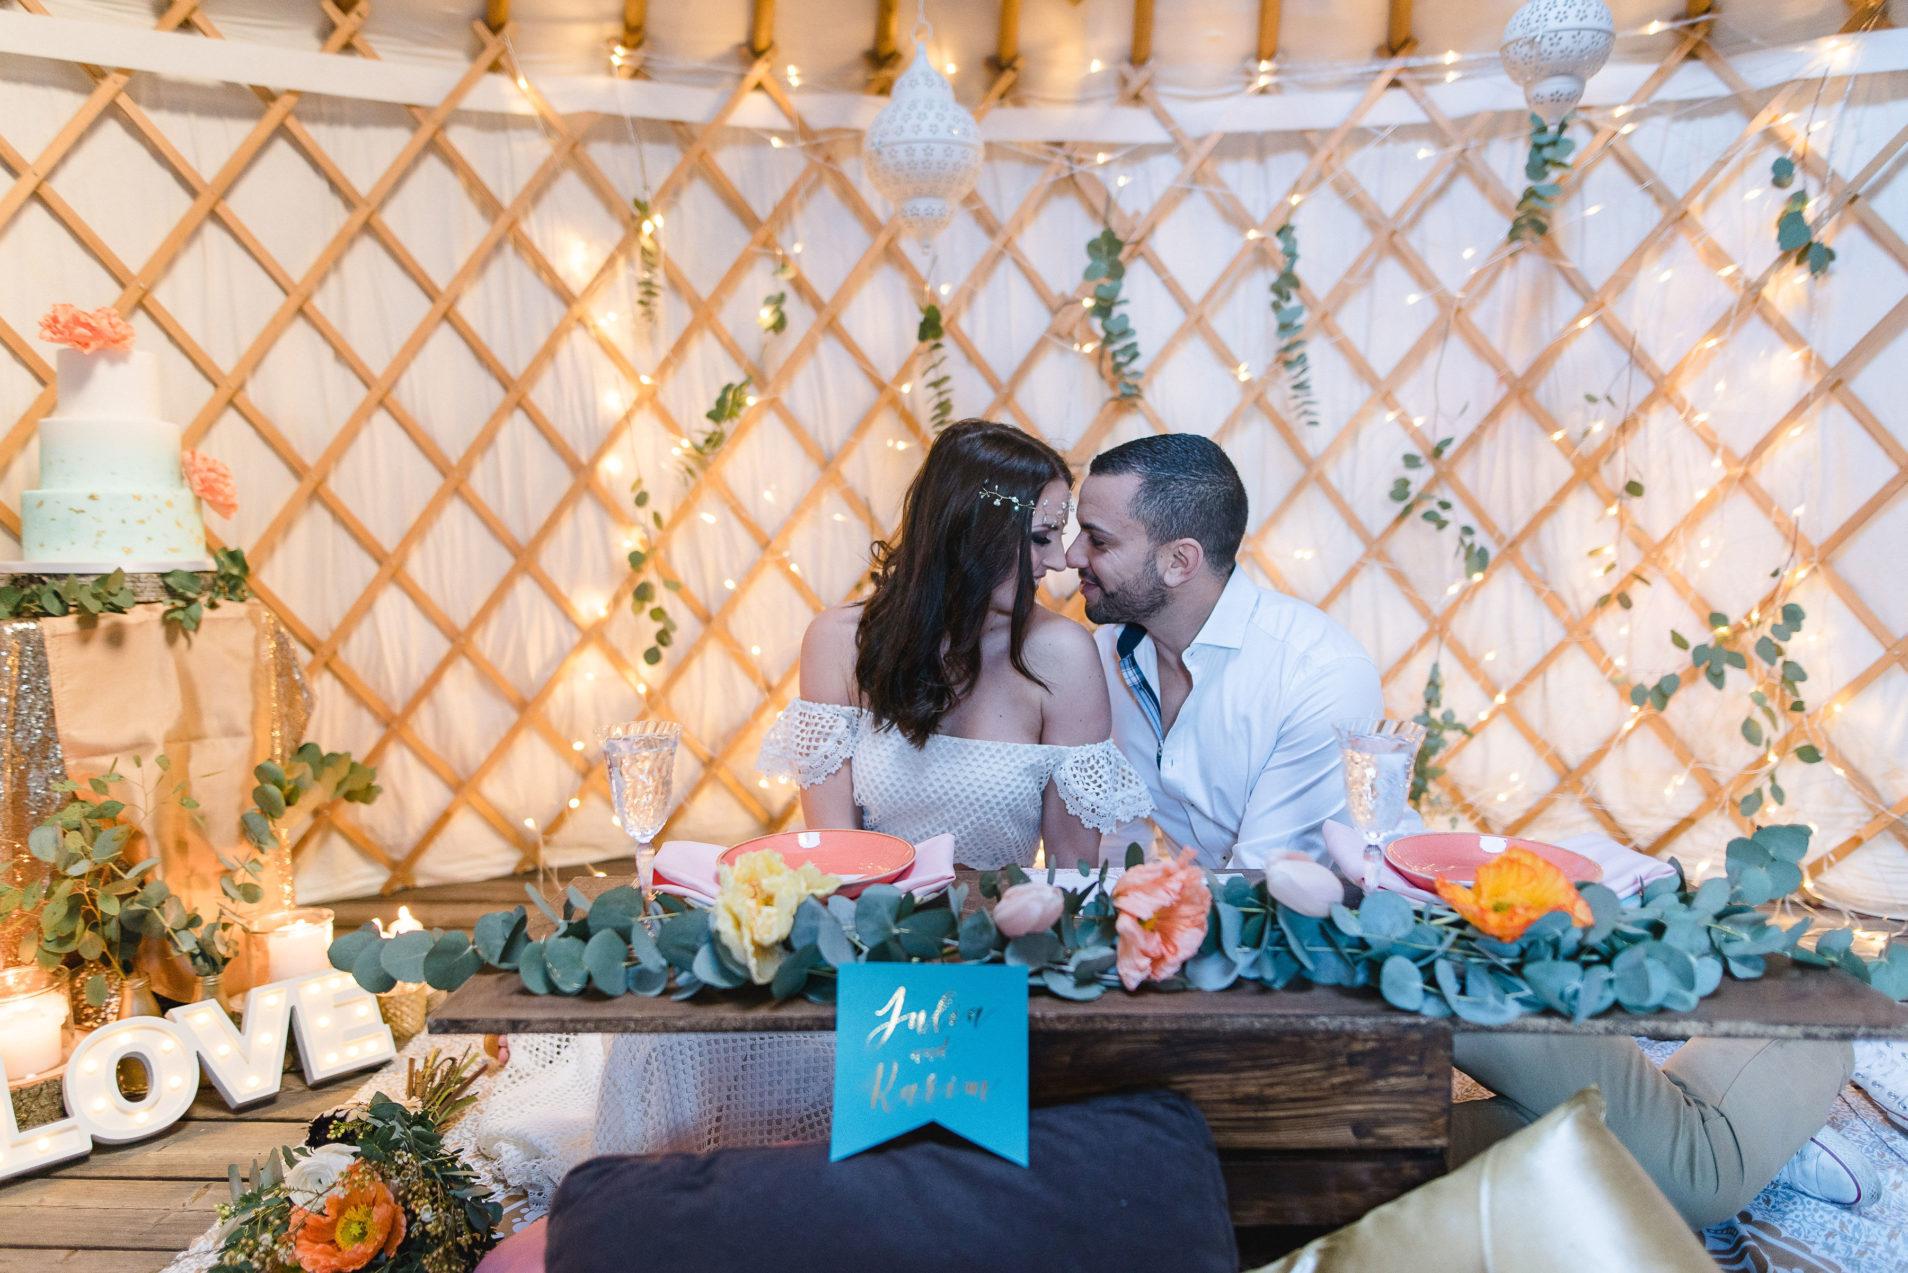 Winter Hochzeit Planung Orientalisch